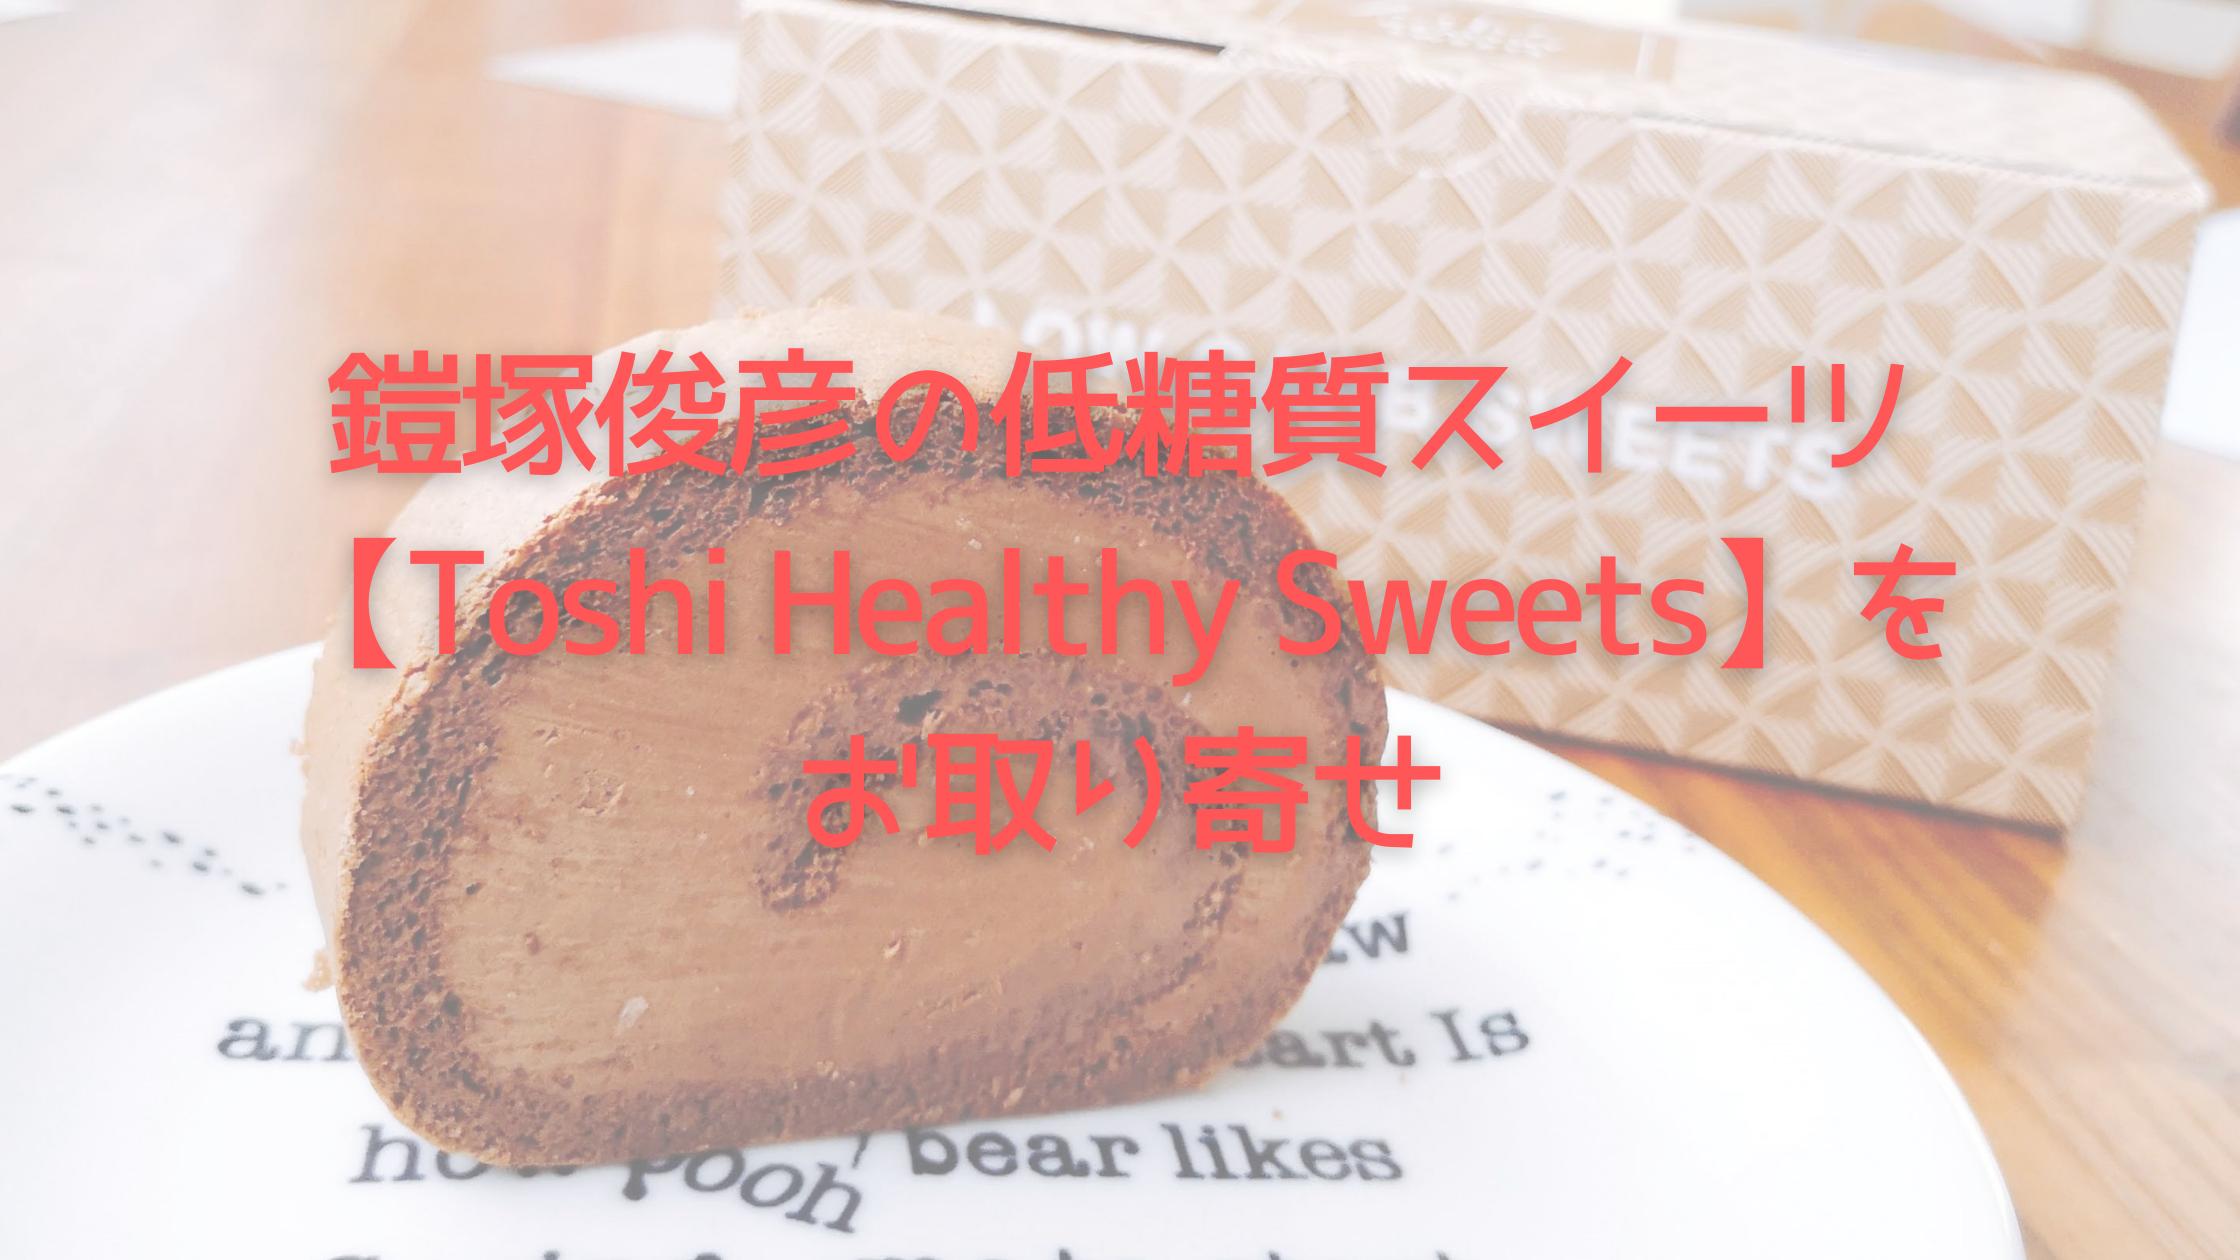 鎧塚俊彦の低糖質スイーツ【Toshi Healthy Sweets】をお取り寄せ